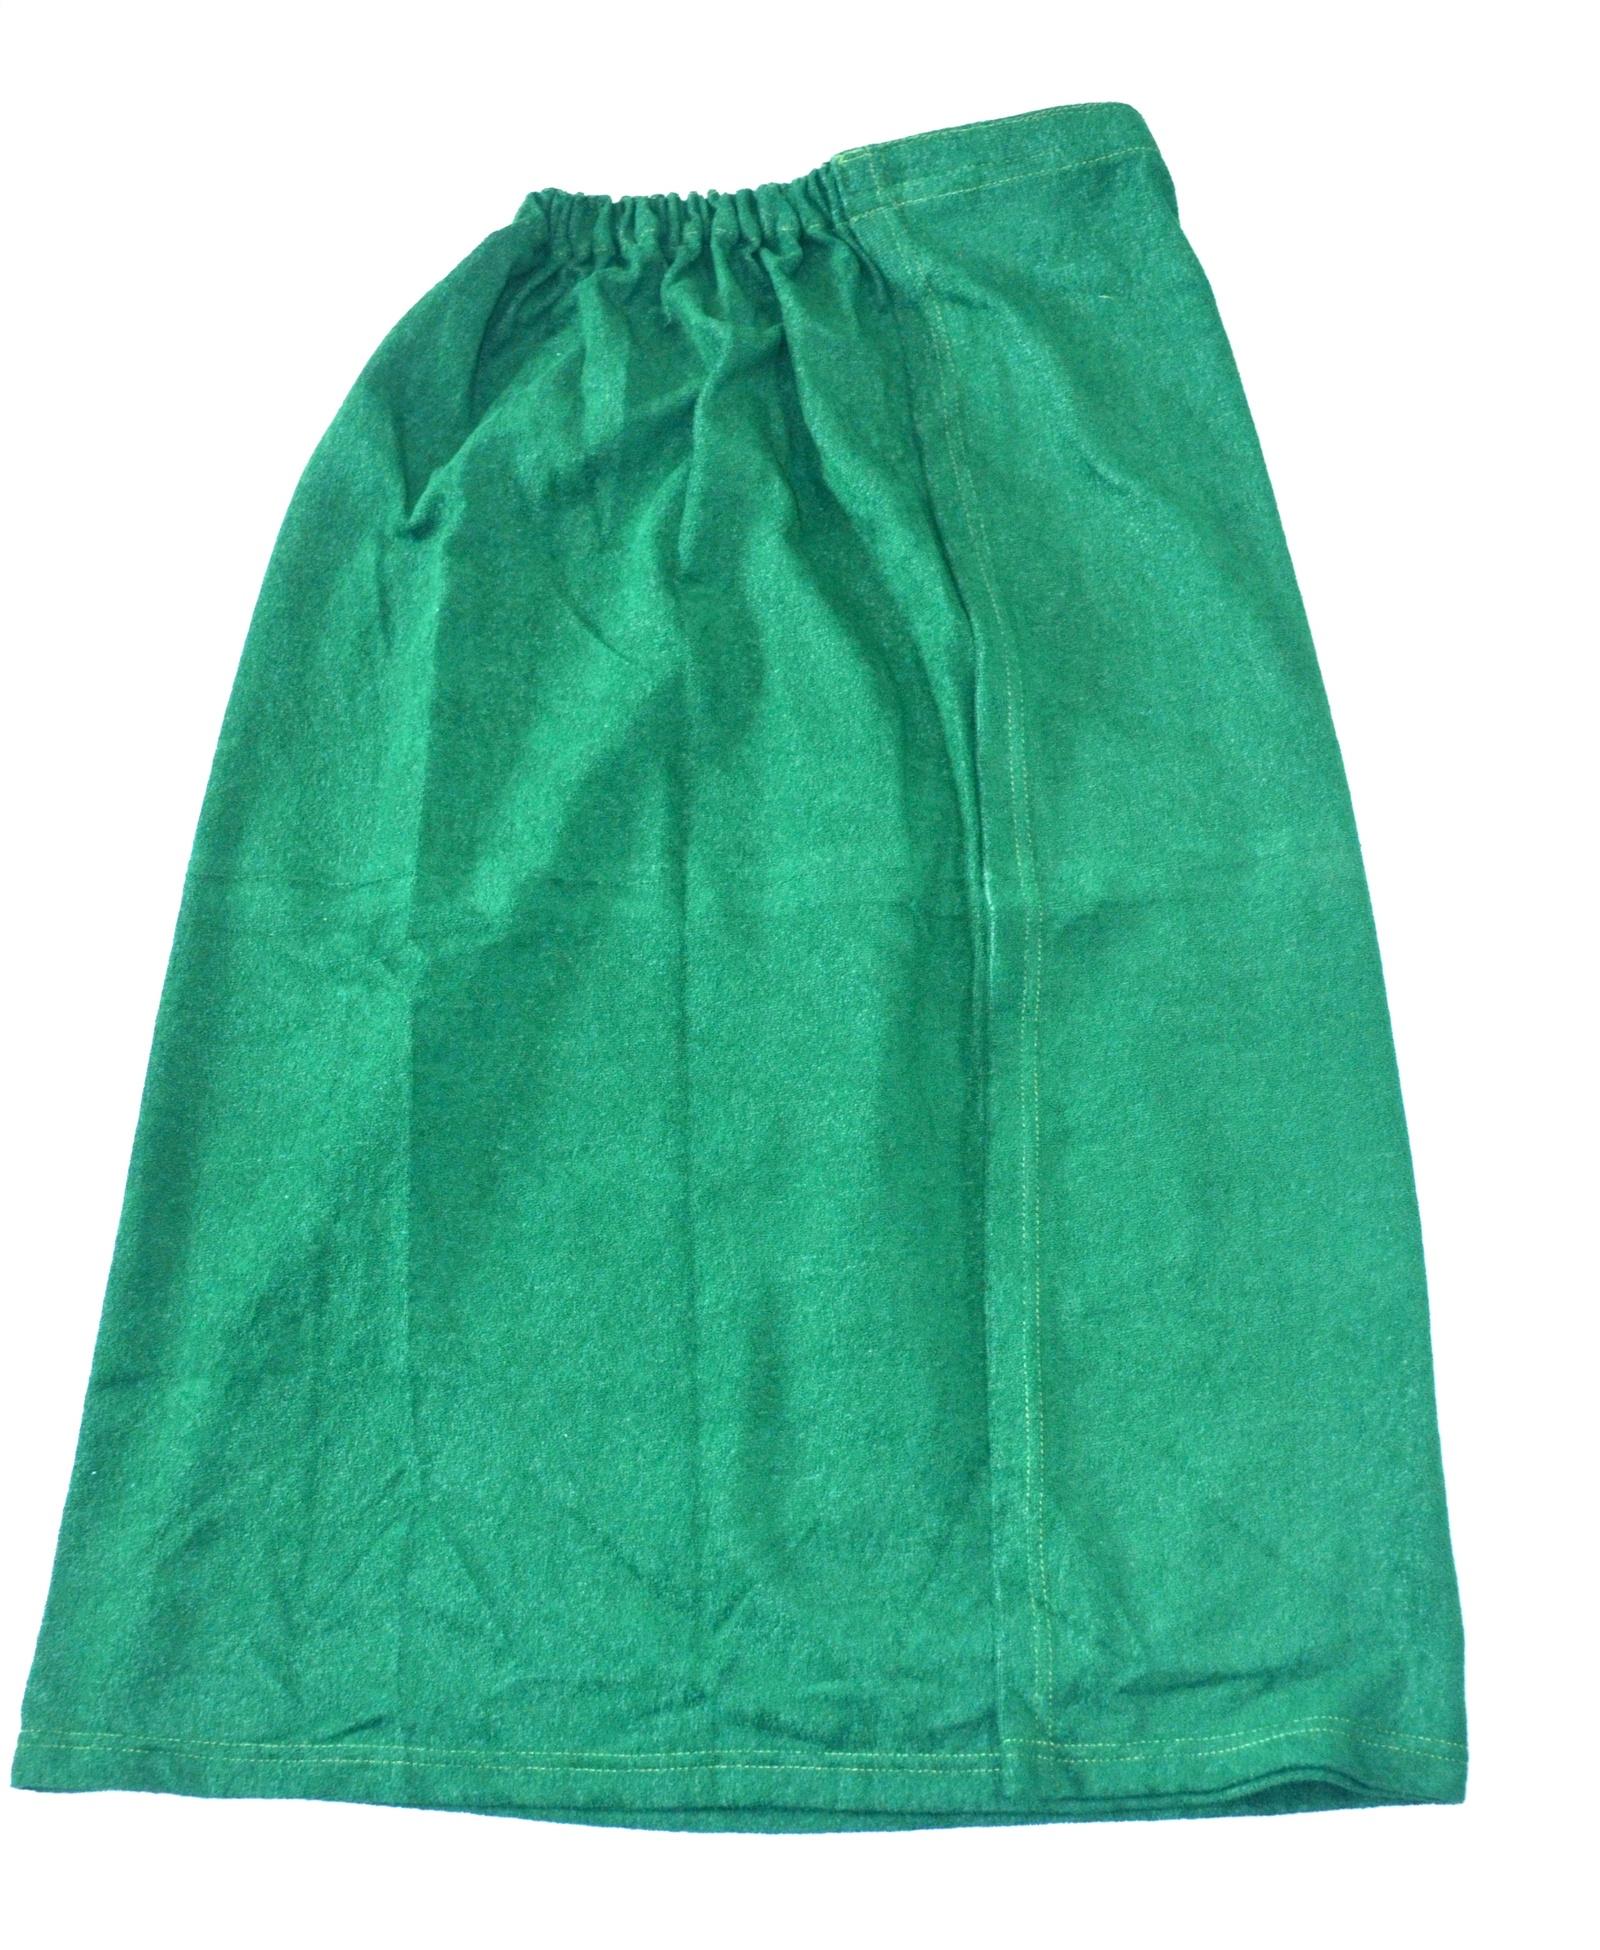 Фото - Килт махровый мужской зеленый килт для бани и сауны невский банщик мужской цвет зеленый 60 см бн88